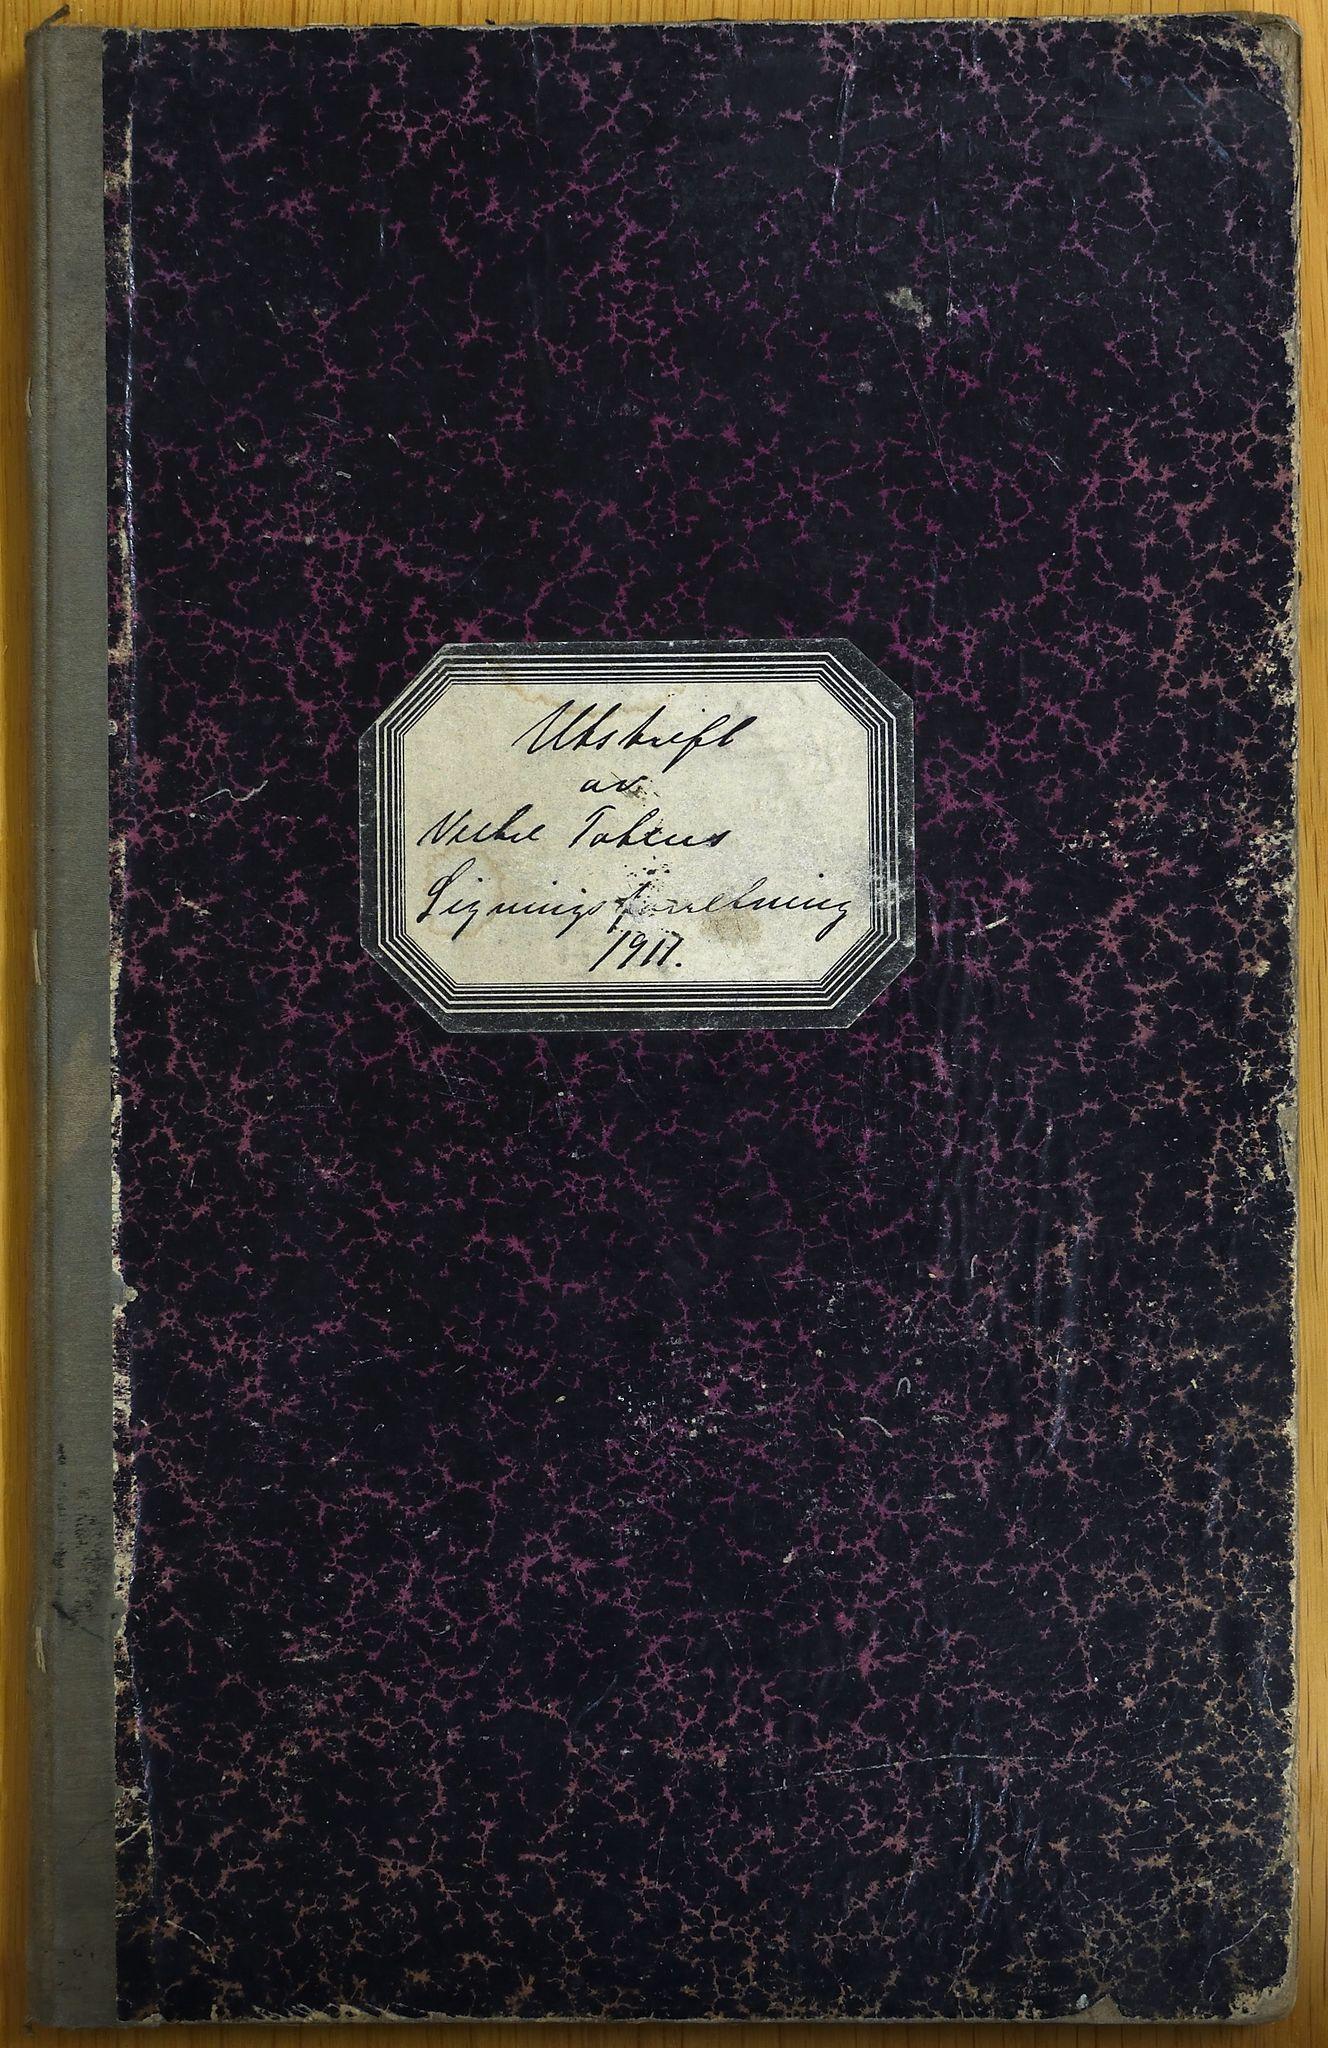 KVT, Vestre Toten kommunearkiv: Utskrift av ligningsprotokollen for budsjettåret 1911-1912 for Vestre Toten skattedistrikt, 1911-1912